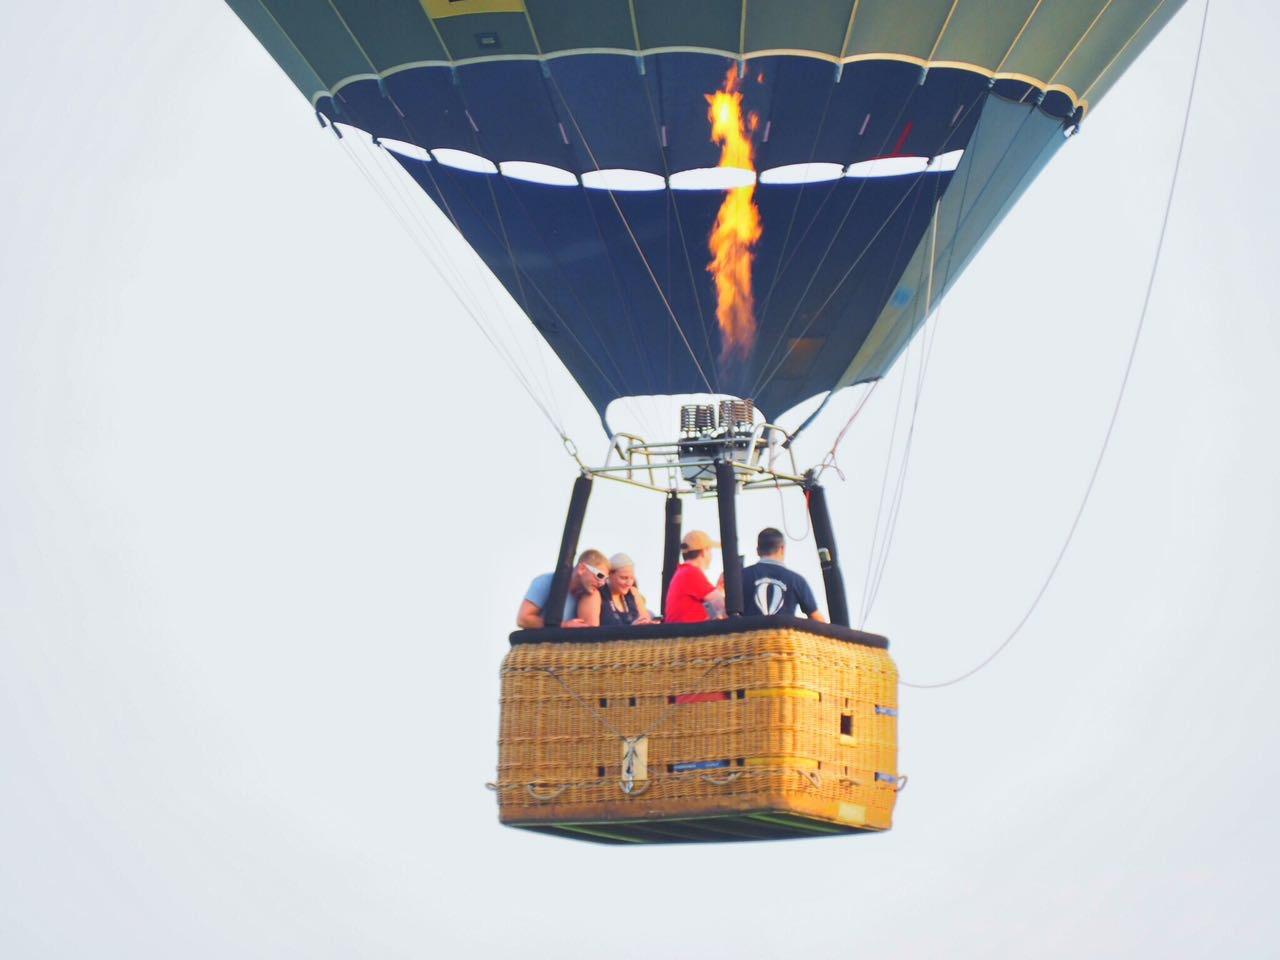 ballonfahren halle saale